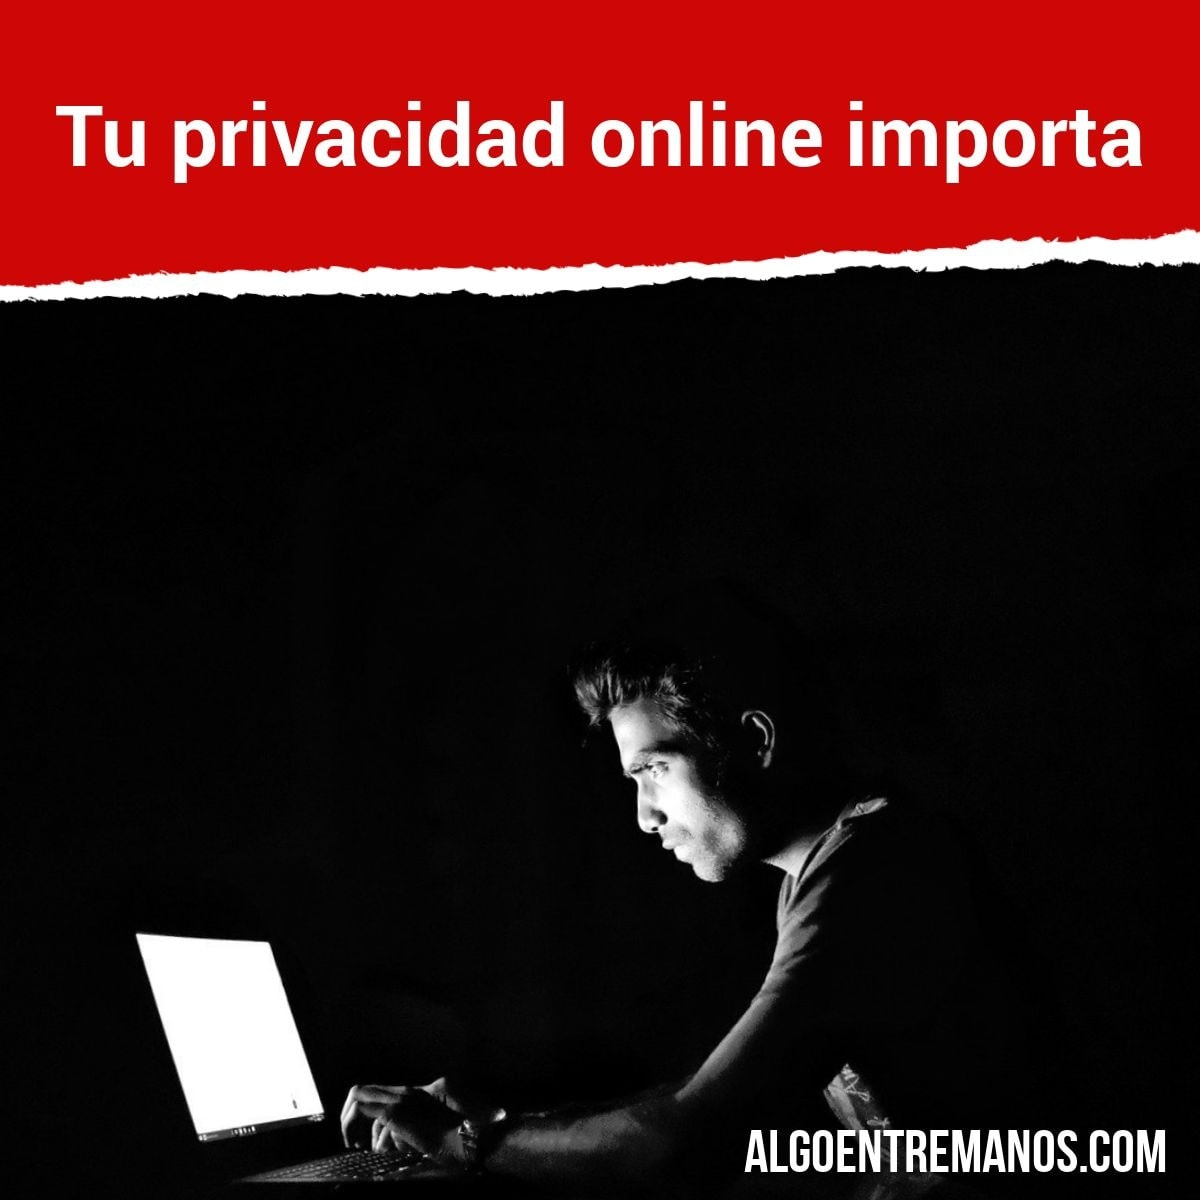 Tu privacidad online importa: protege tus secretos aunque creas que no los tienes